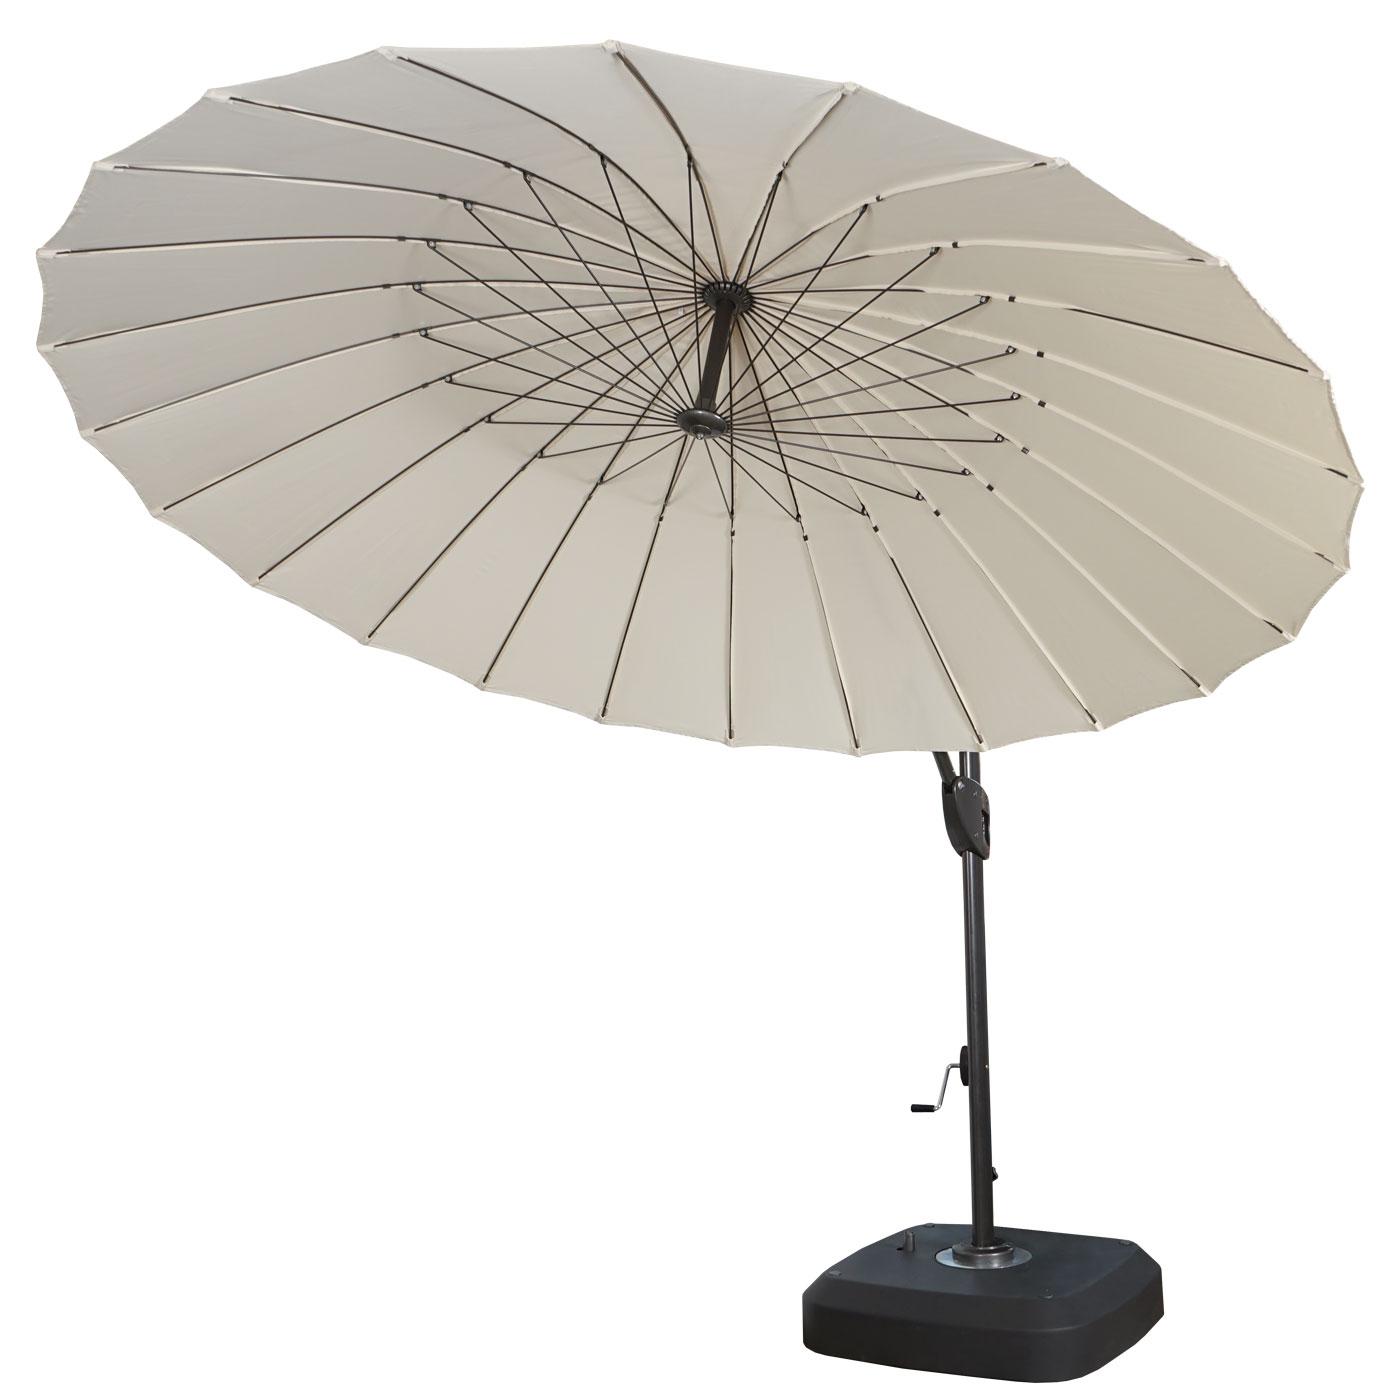 ampelschirm sonnenschirm mit st nder schutzh lle drehbar rollbar 2 8m polyester alu stahl. Black Bedroom Furniture Sets. Home Design Ideas